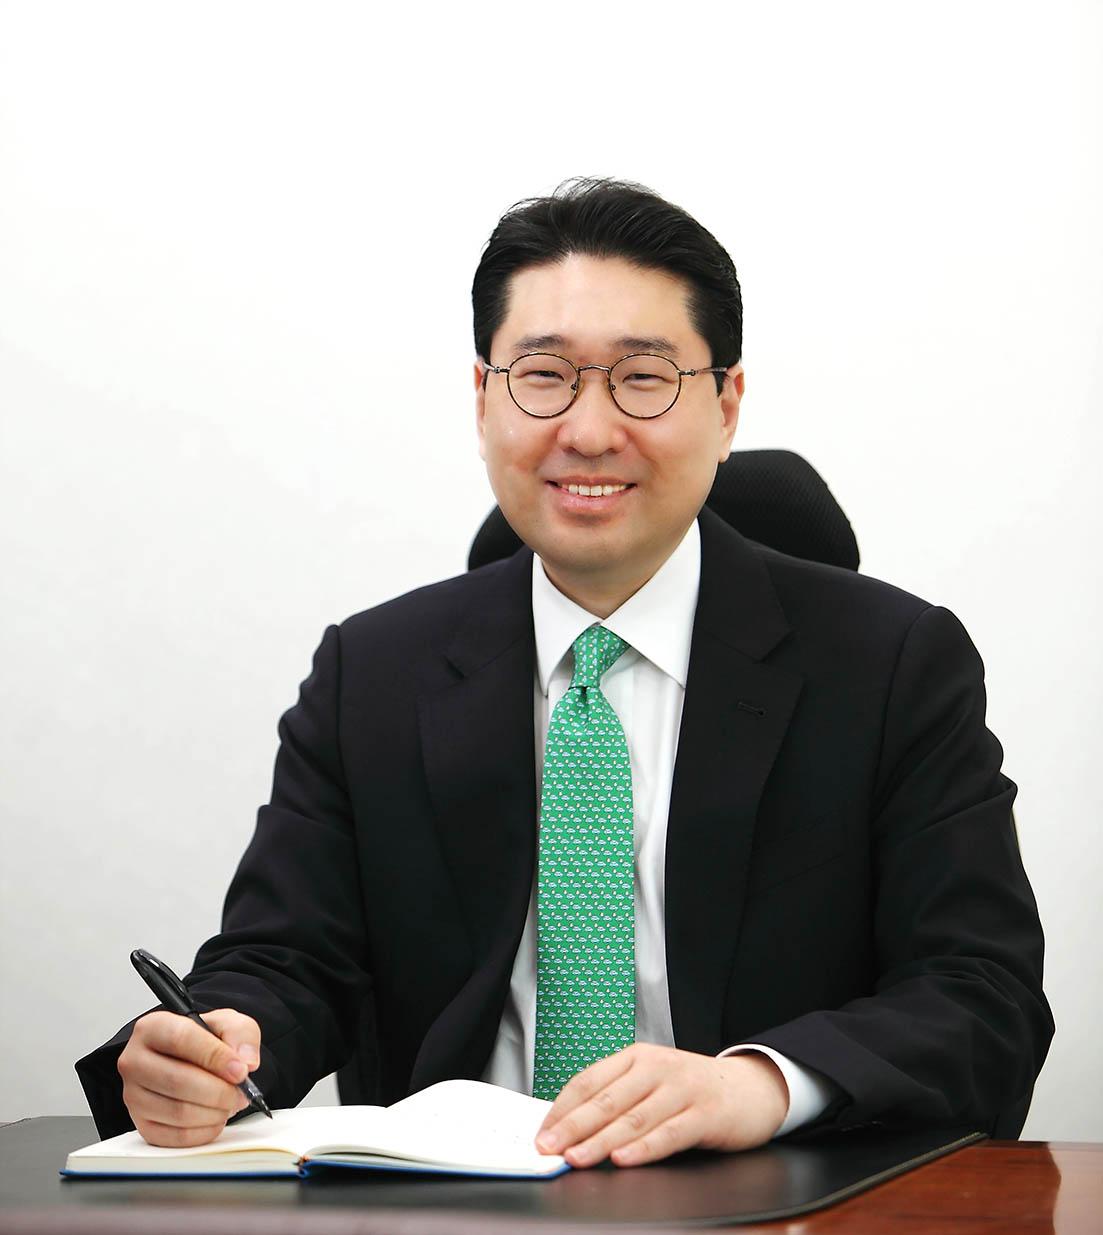 이상현부사장님